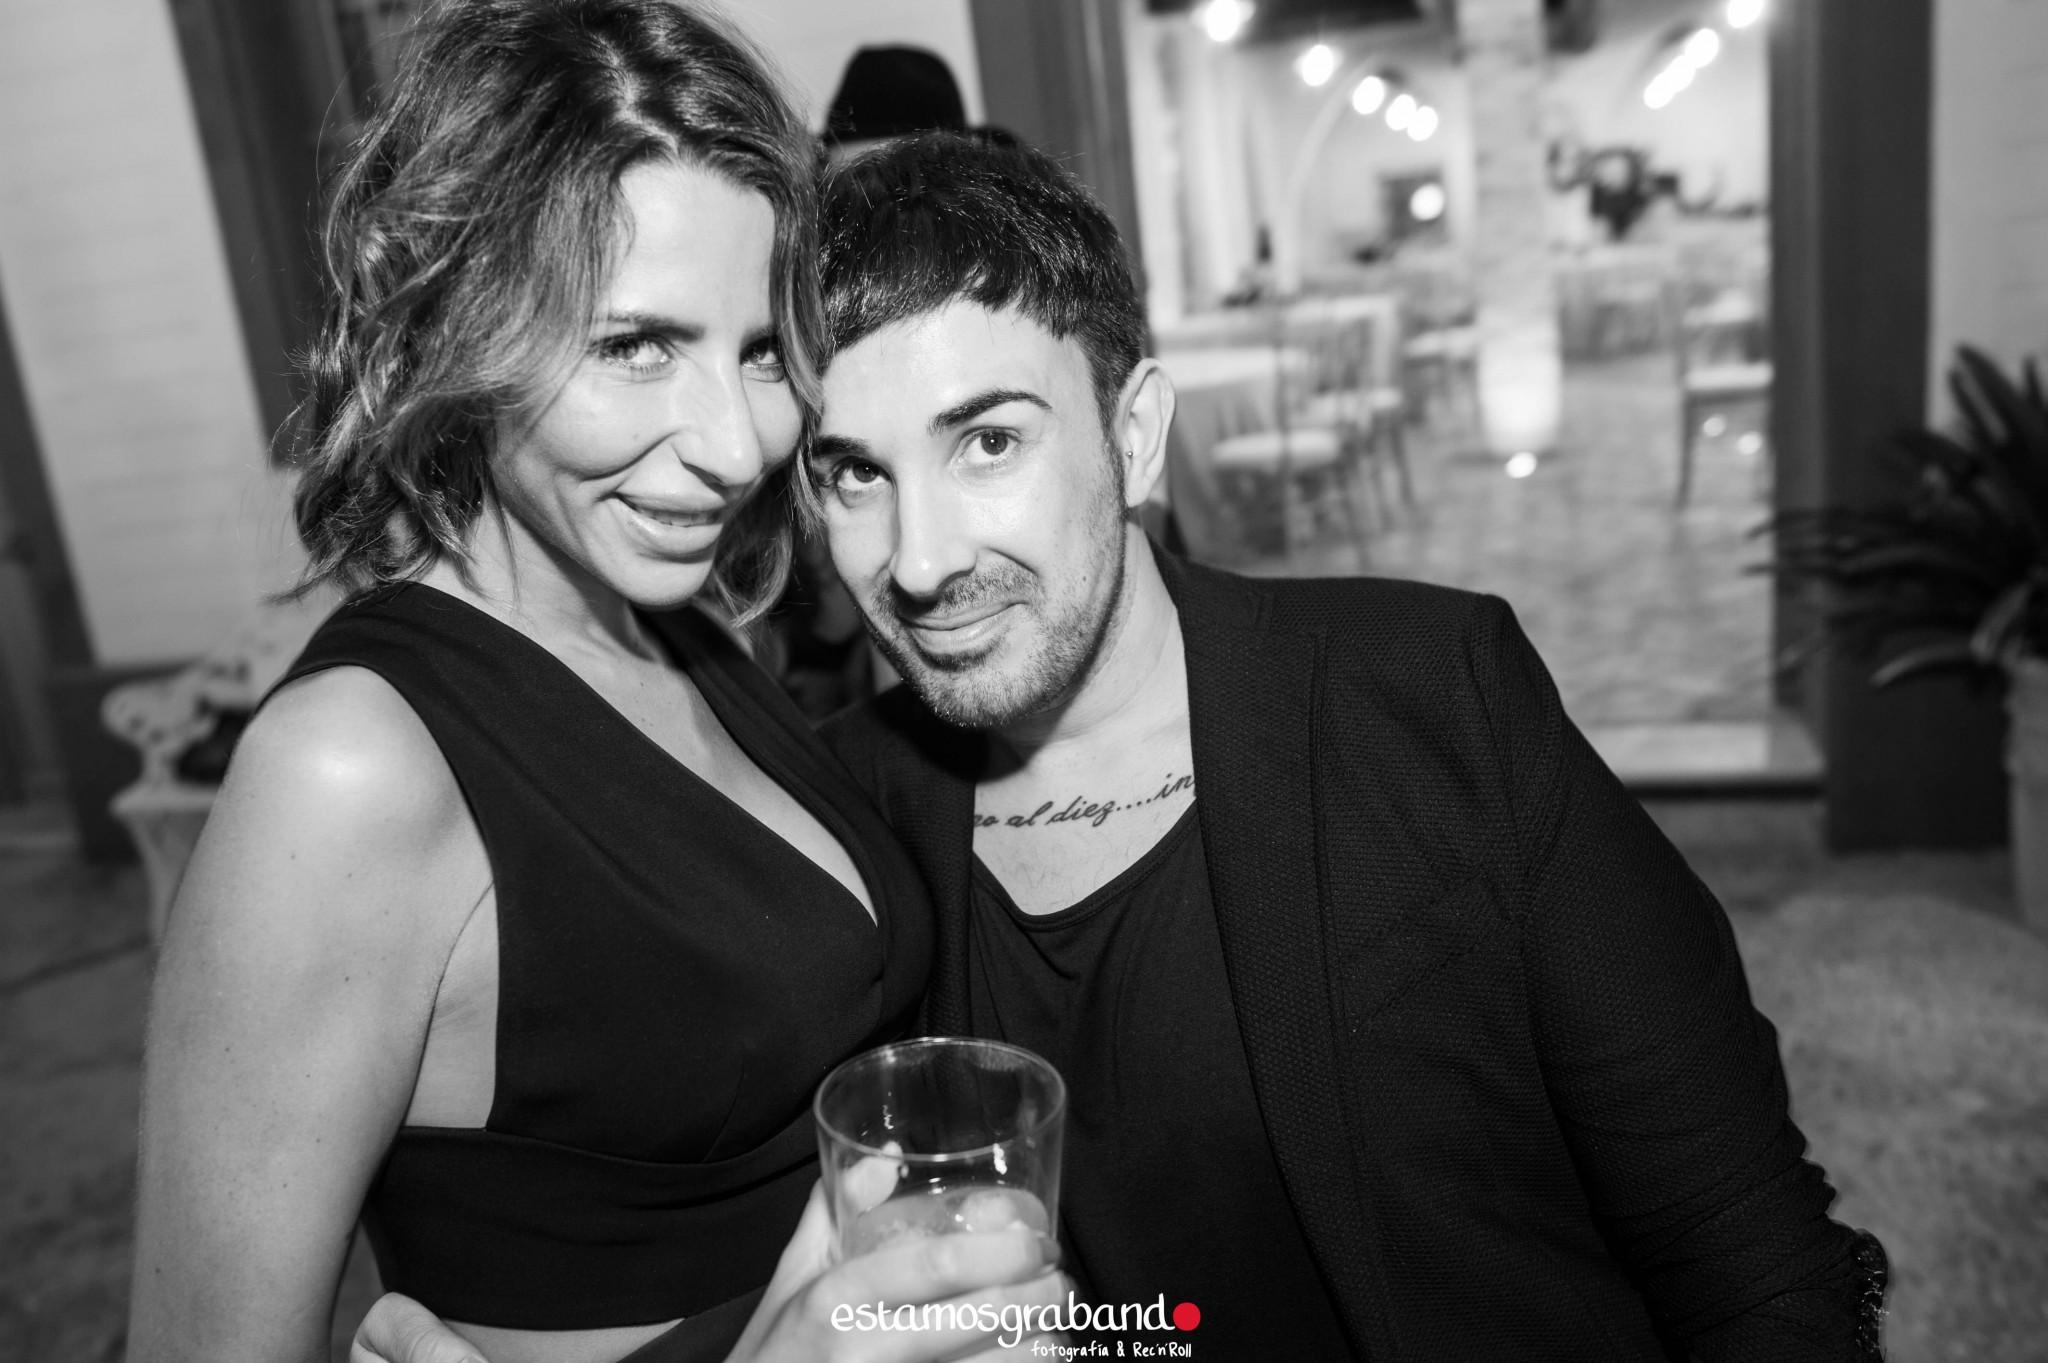 Miguel-Ana-48 Los invitados de Ana & Miguel [Fotografía de Boda_Viña La Carreña, Jerez] - video boda cadiz